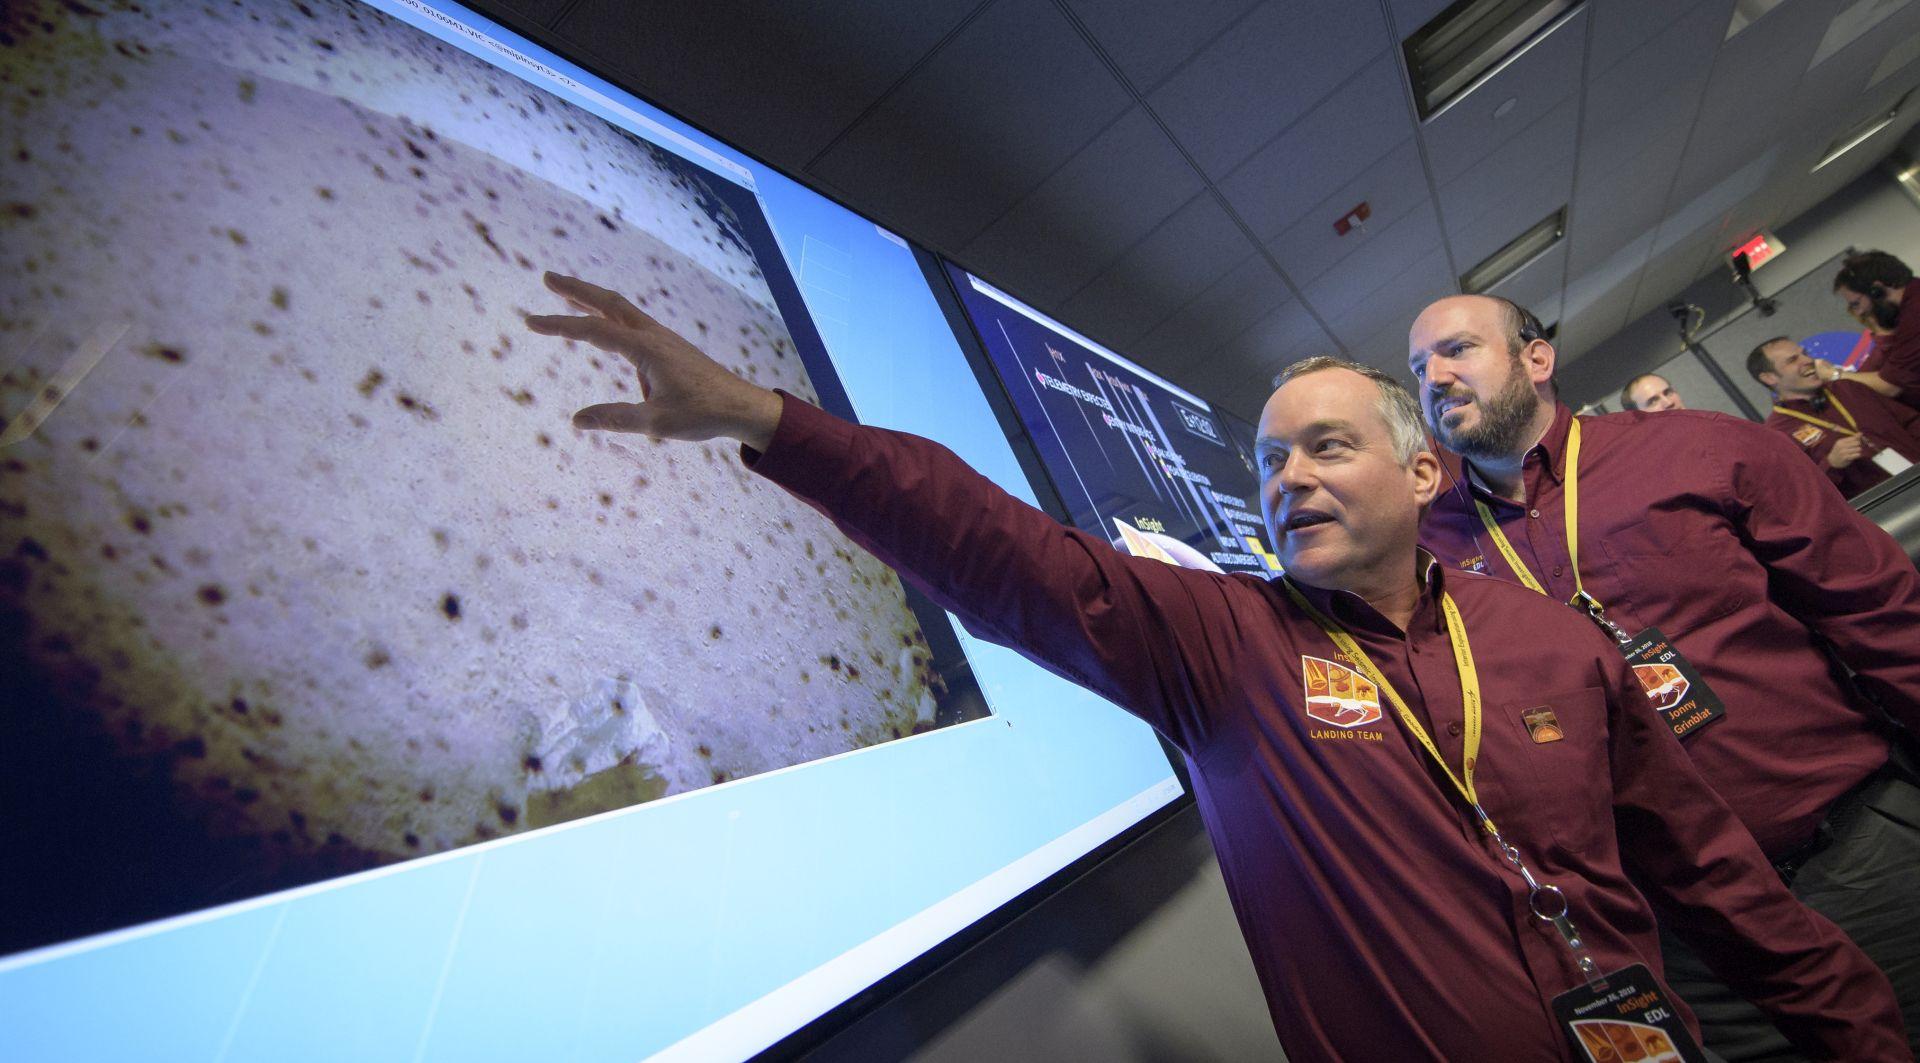 Pogledajte sliku površine Marsa koju je objavila NASA